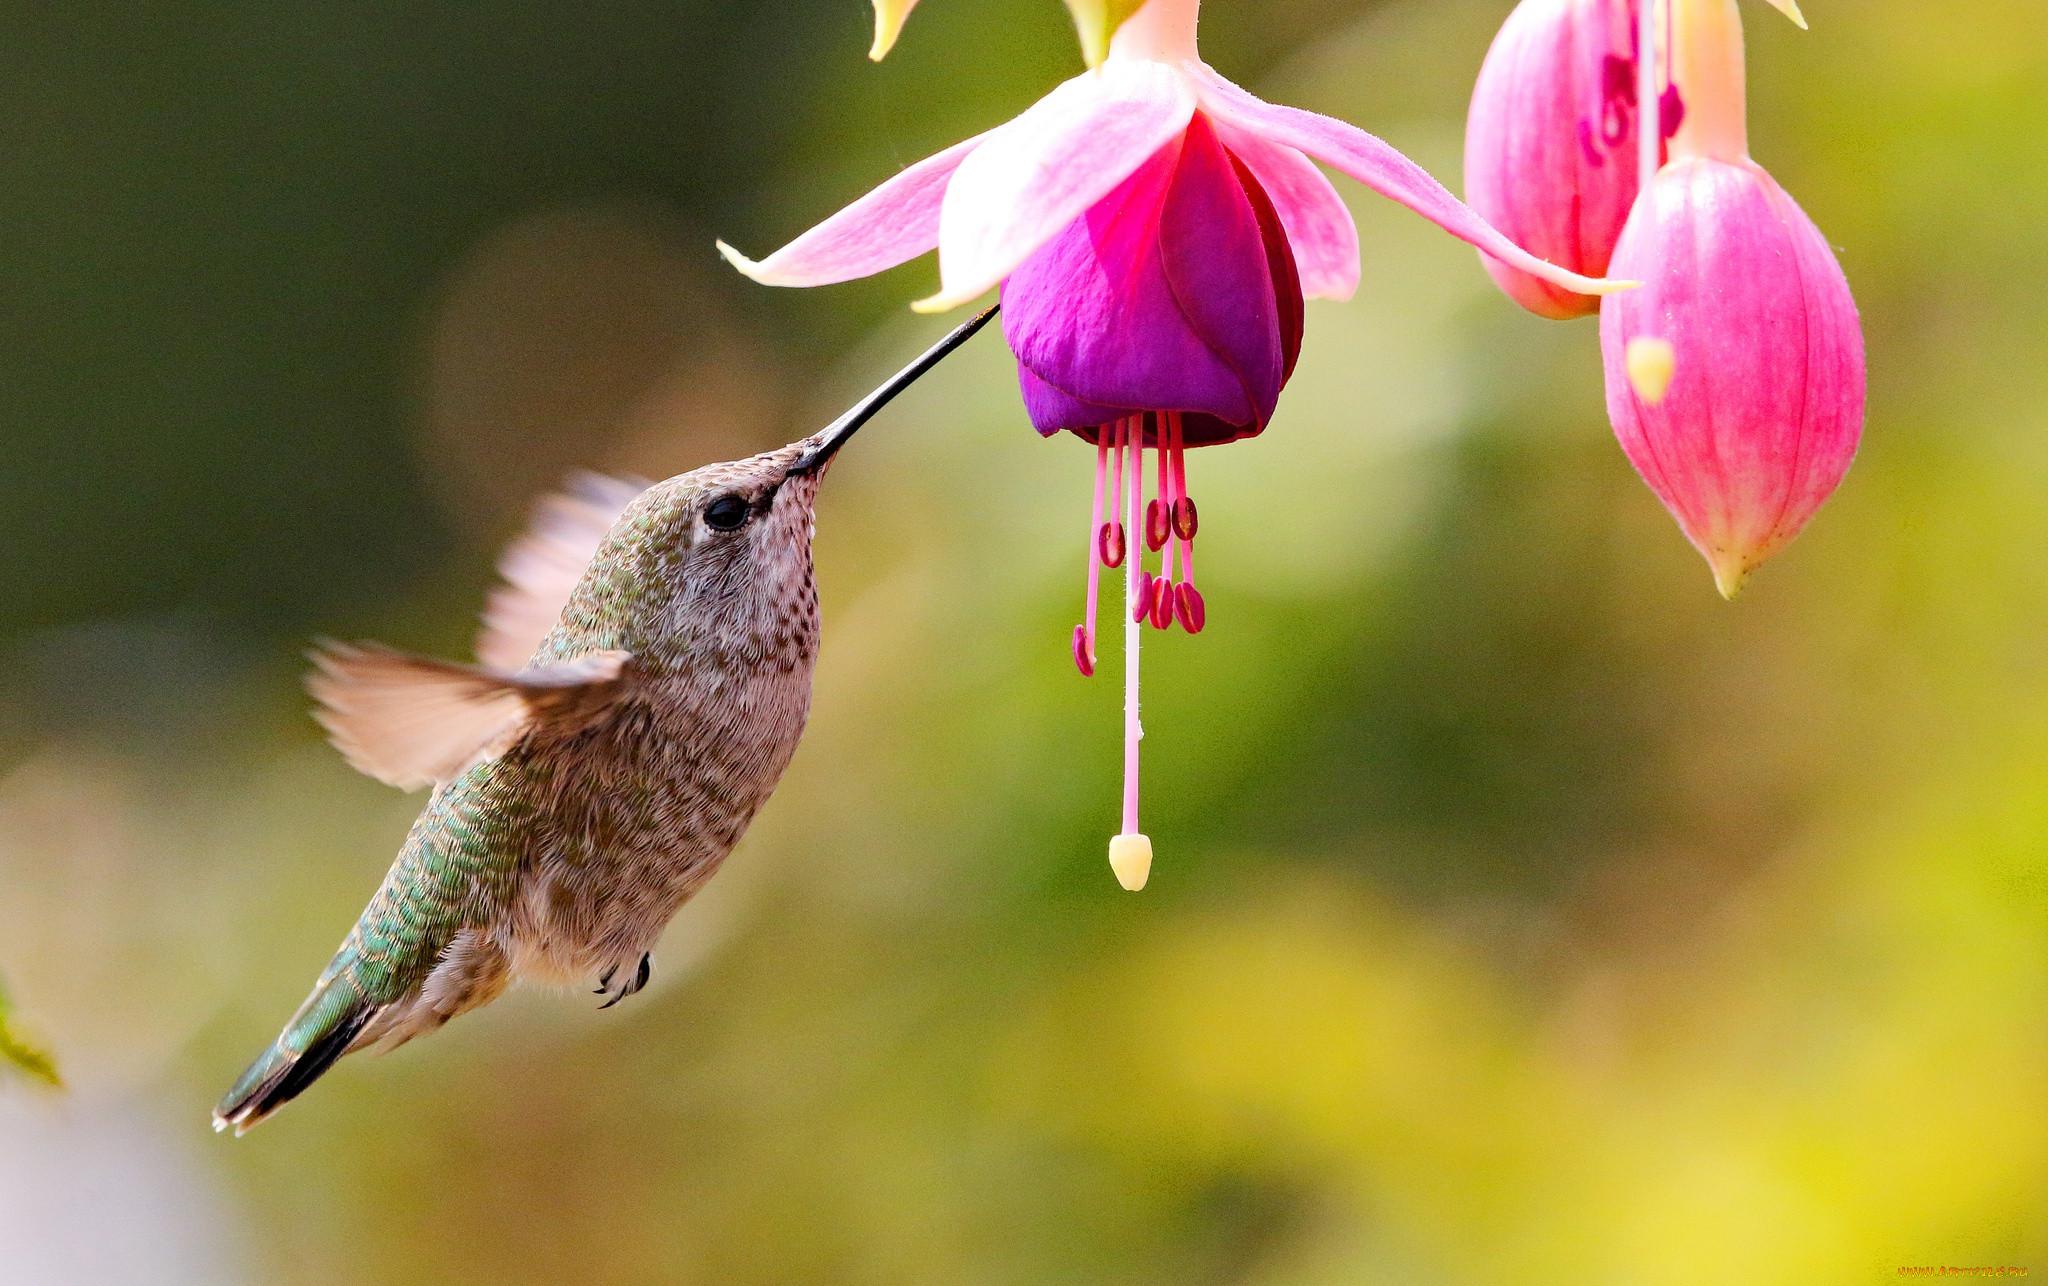 расцветки колибри фото мавританский дворец